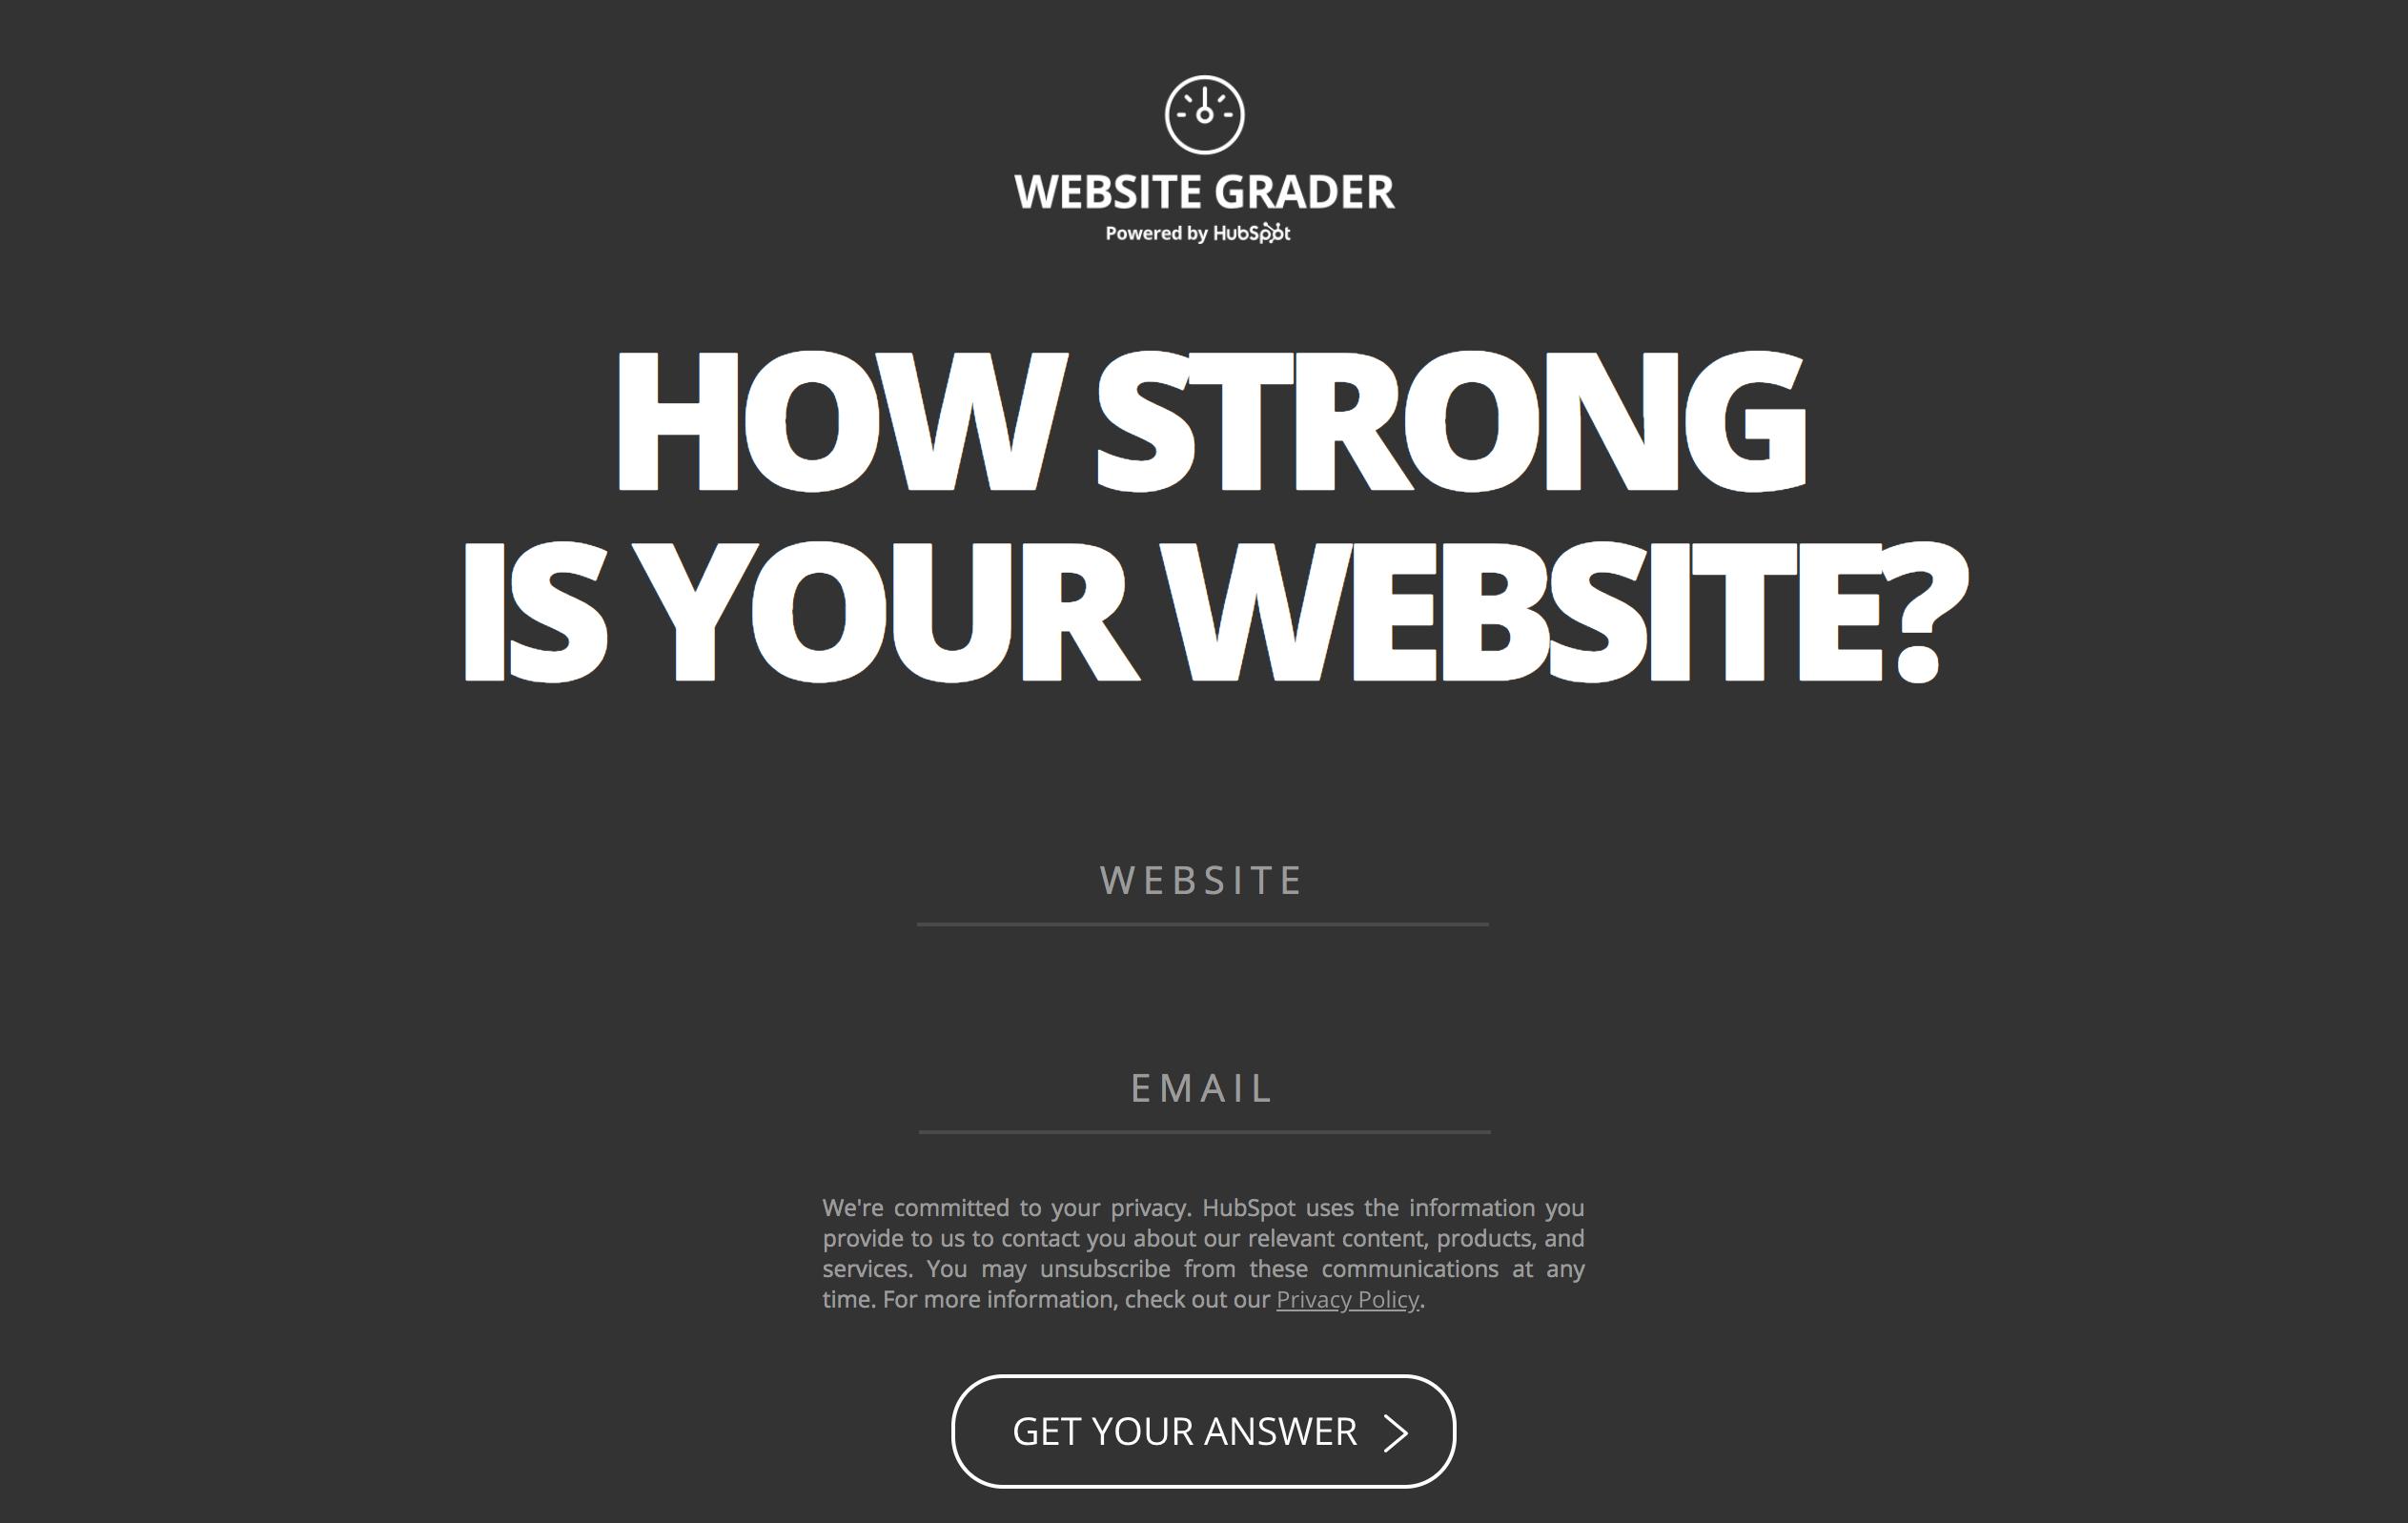 Free Tools - HubSpot's Website Grader